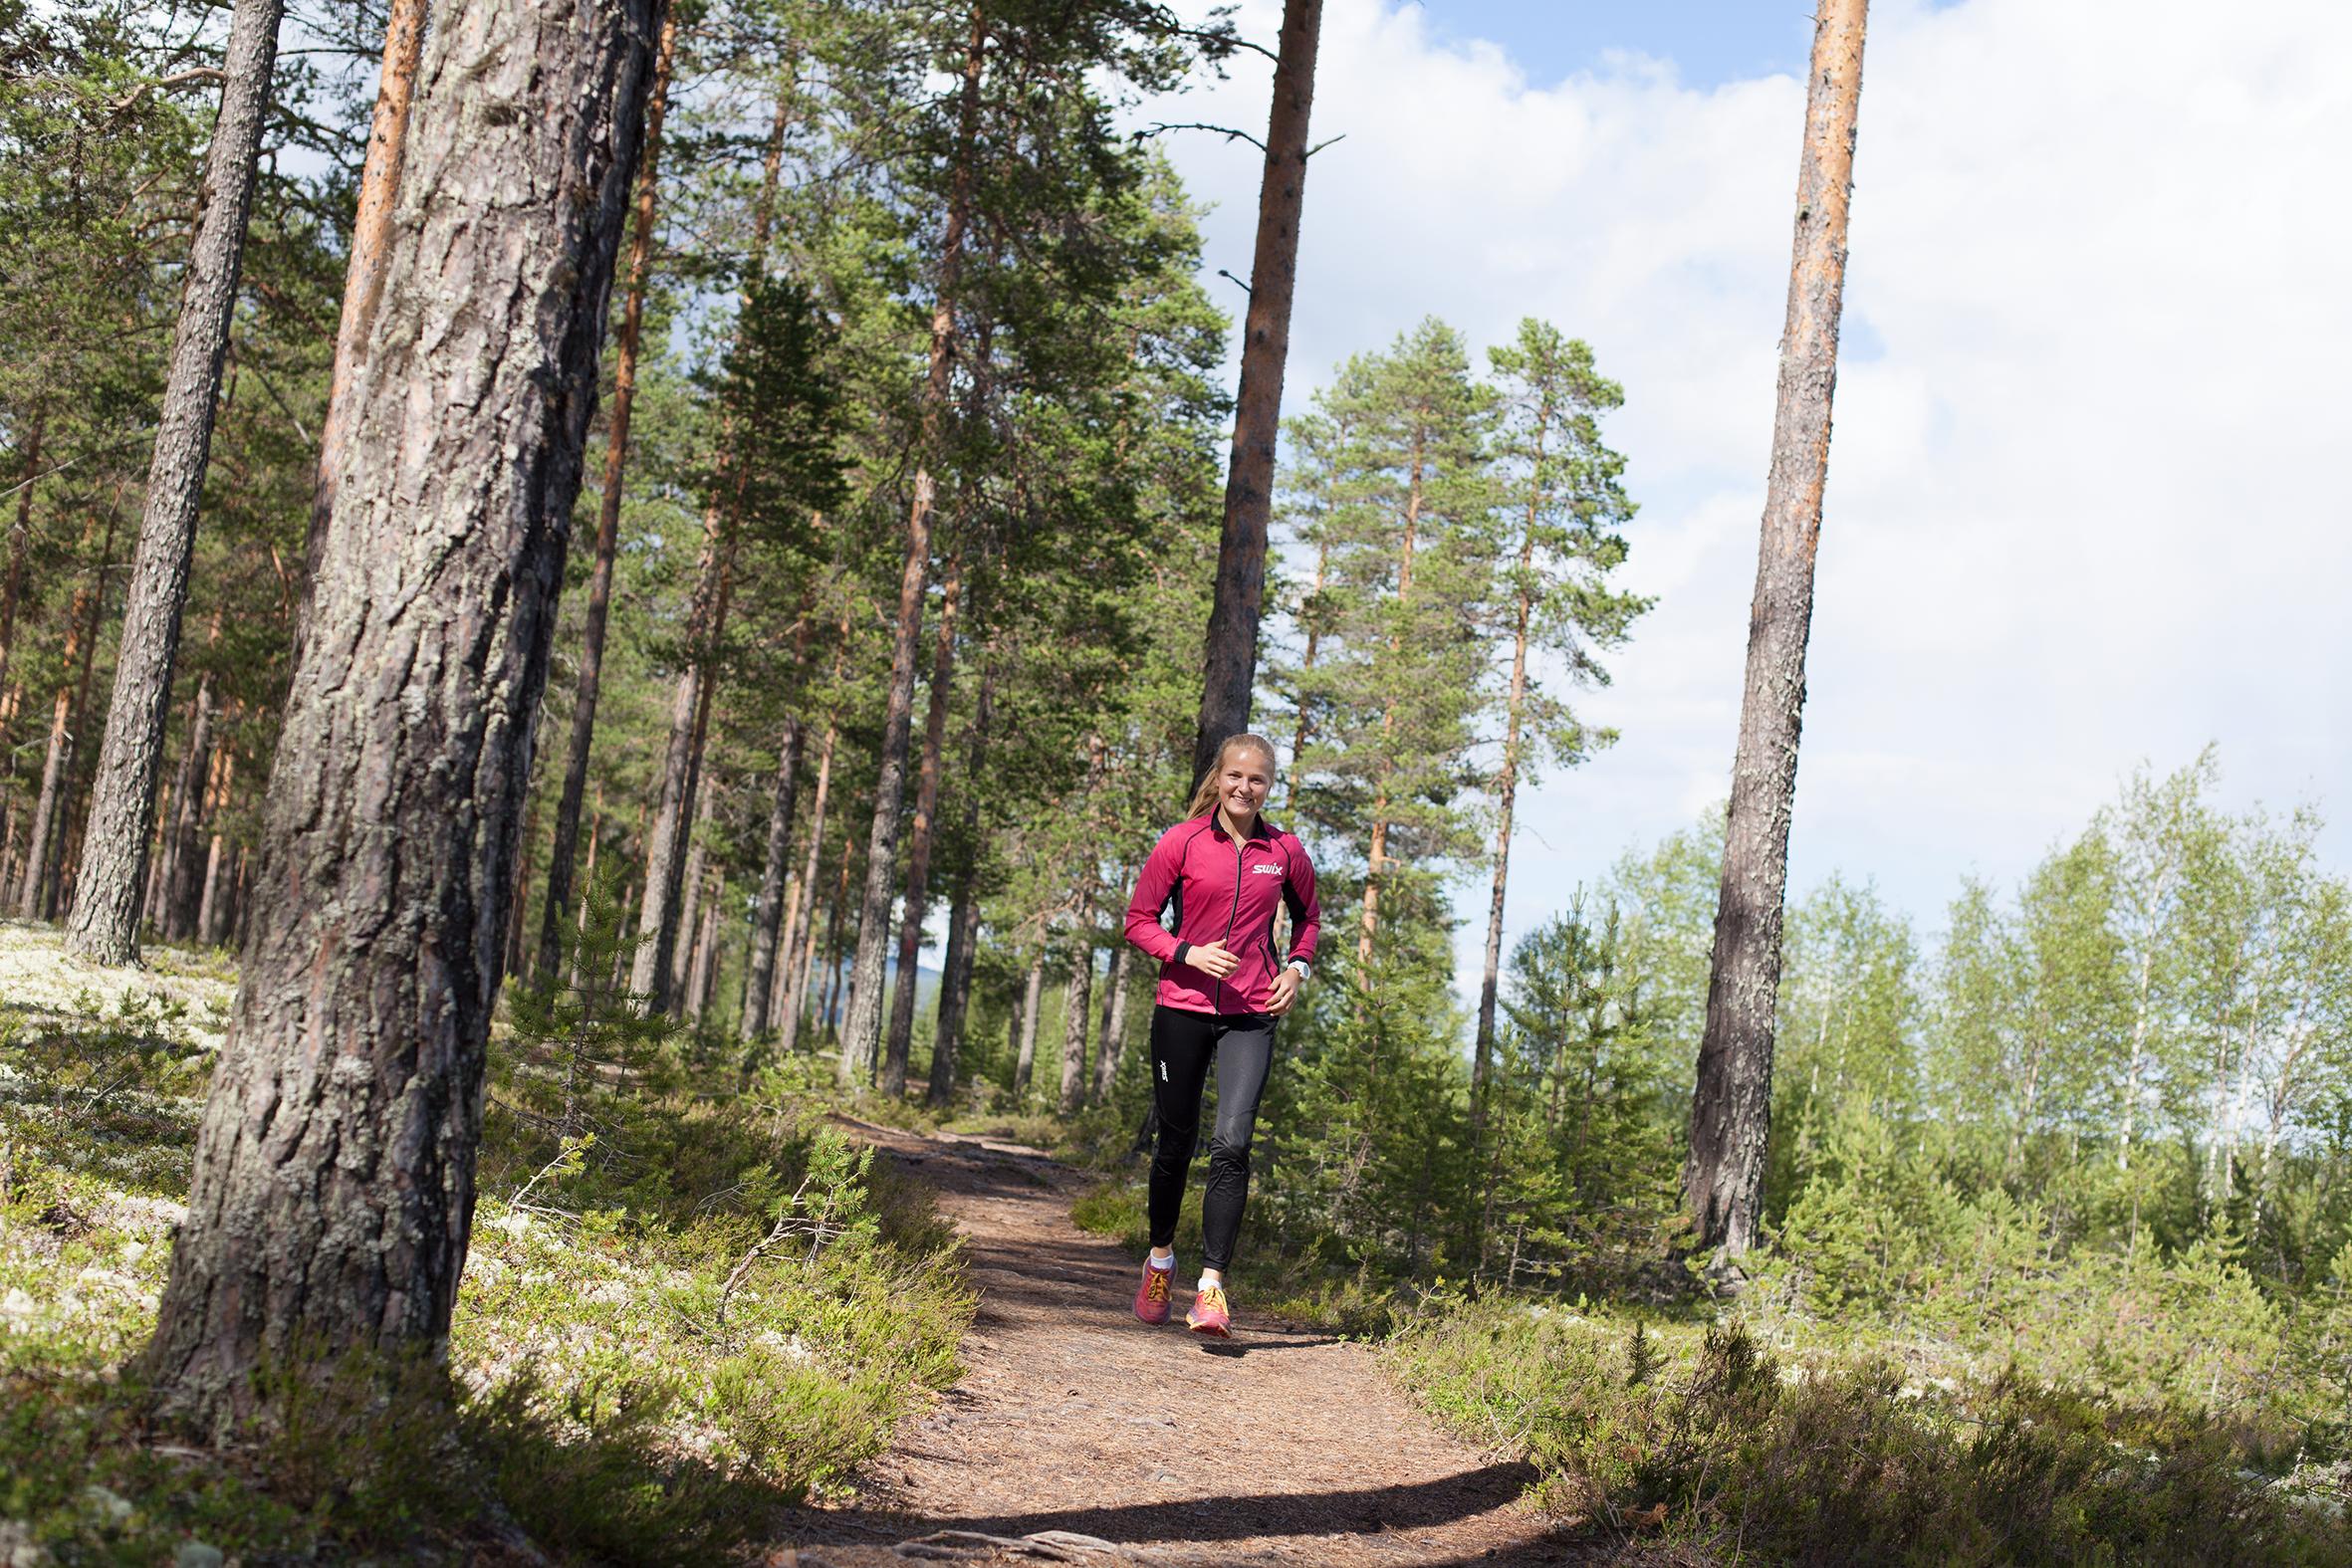 LØYPE: Franziska Skogsholm trener ofte med utgangspunkt i Rena leir, og løper gjerne 15-kilometersløypen som fører henne til Pilegrimsleden. (Foto: Karoline Almås Sørensen)